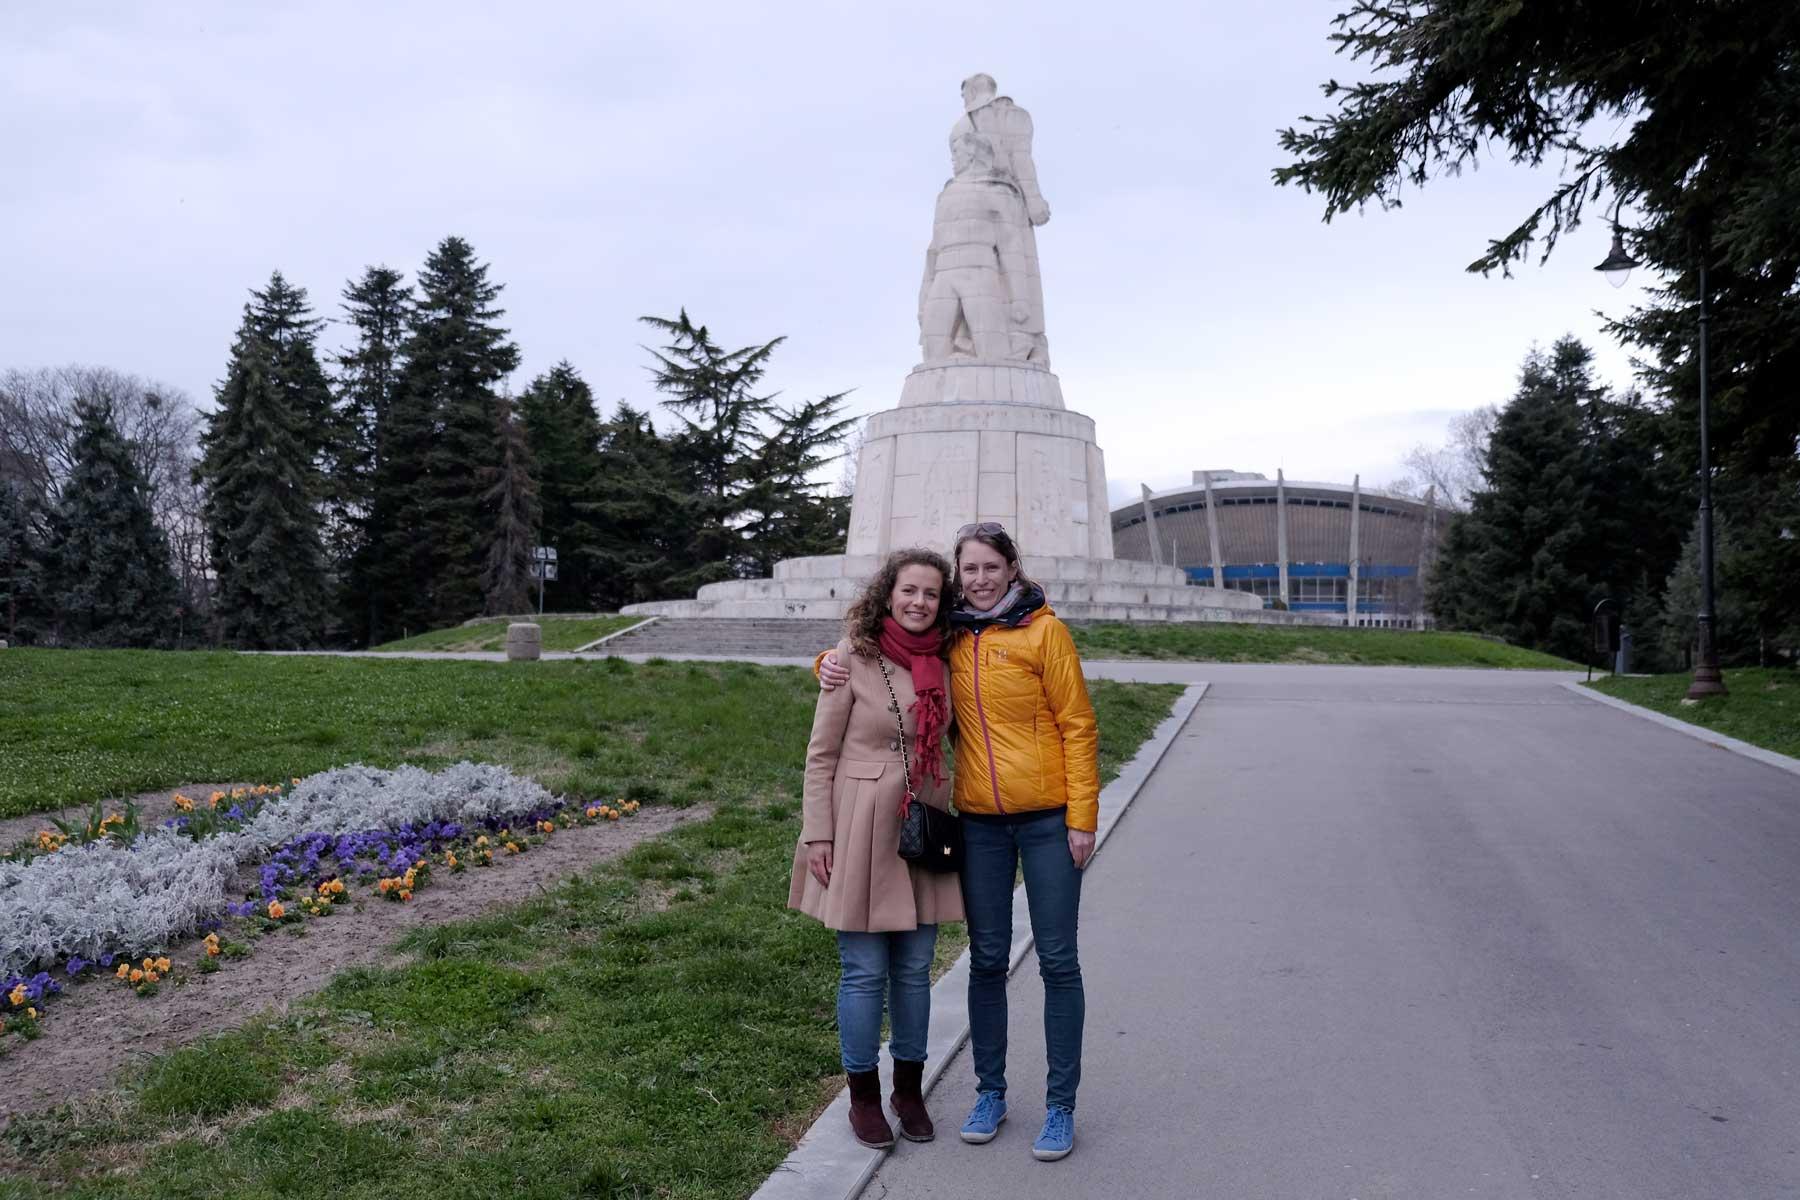 Leo und Yordanka stehen in einem Park